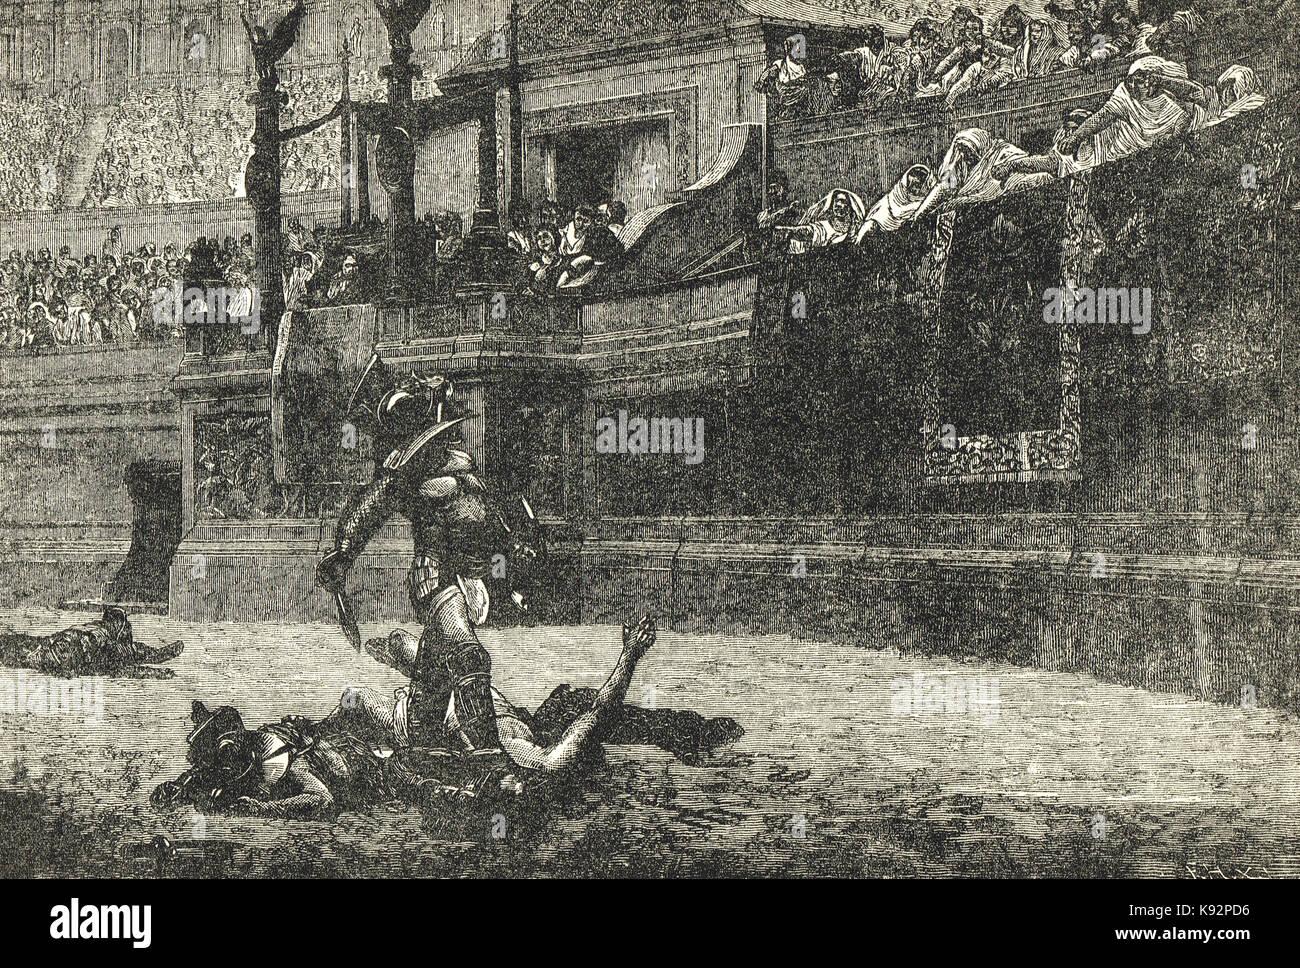 Römische Gladiatoren, der Aufruf zur Barmherzigkeit Stockfoto